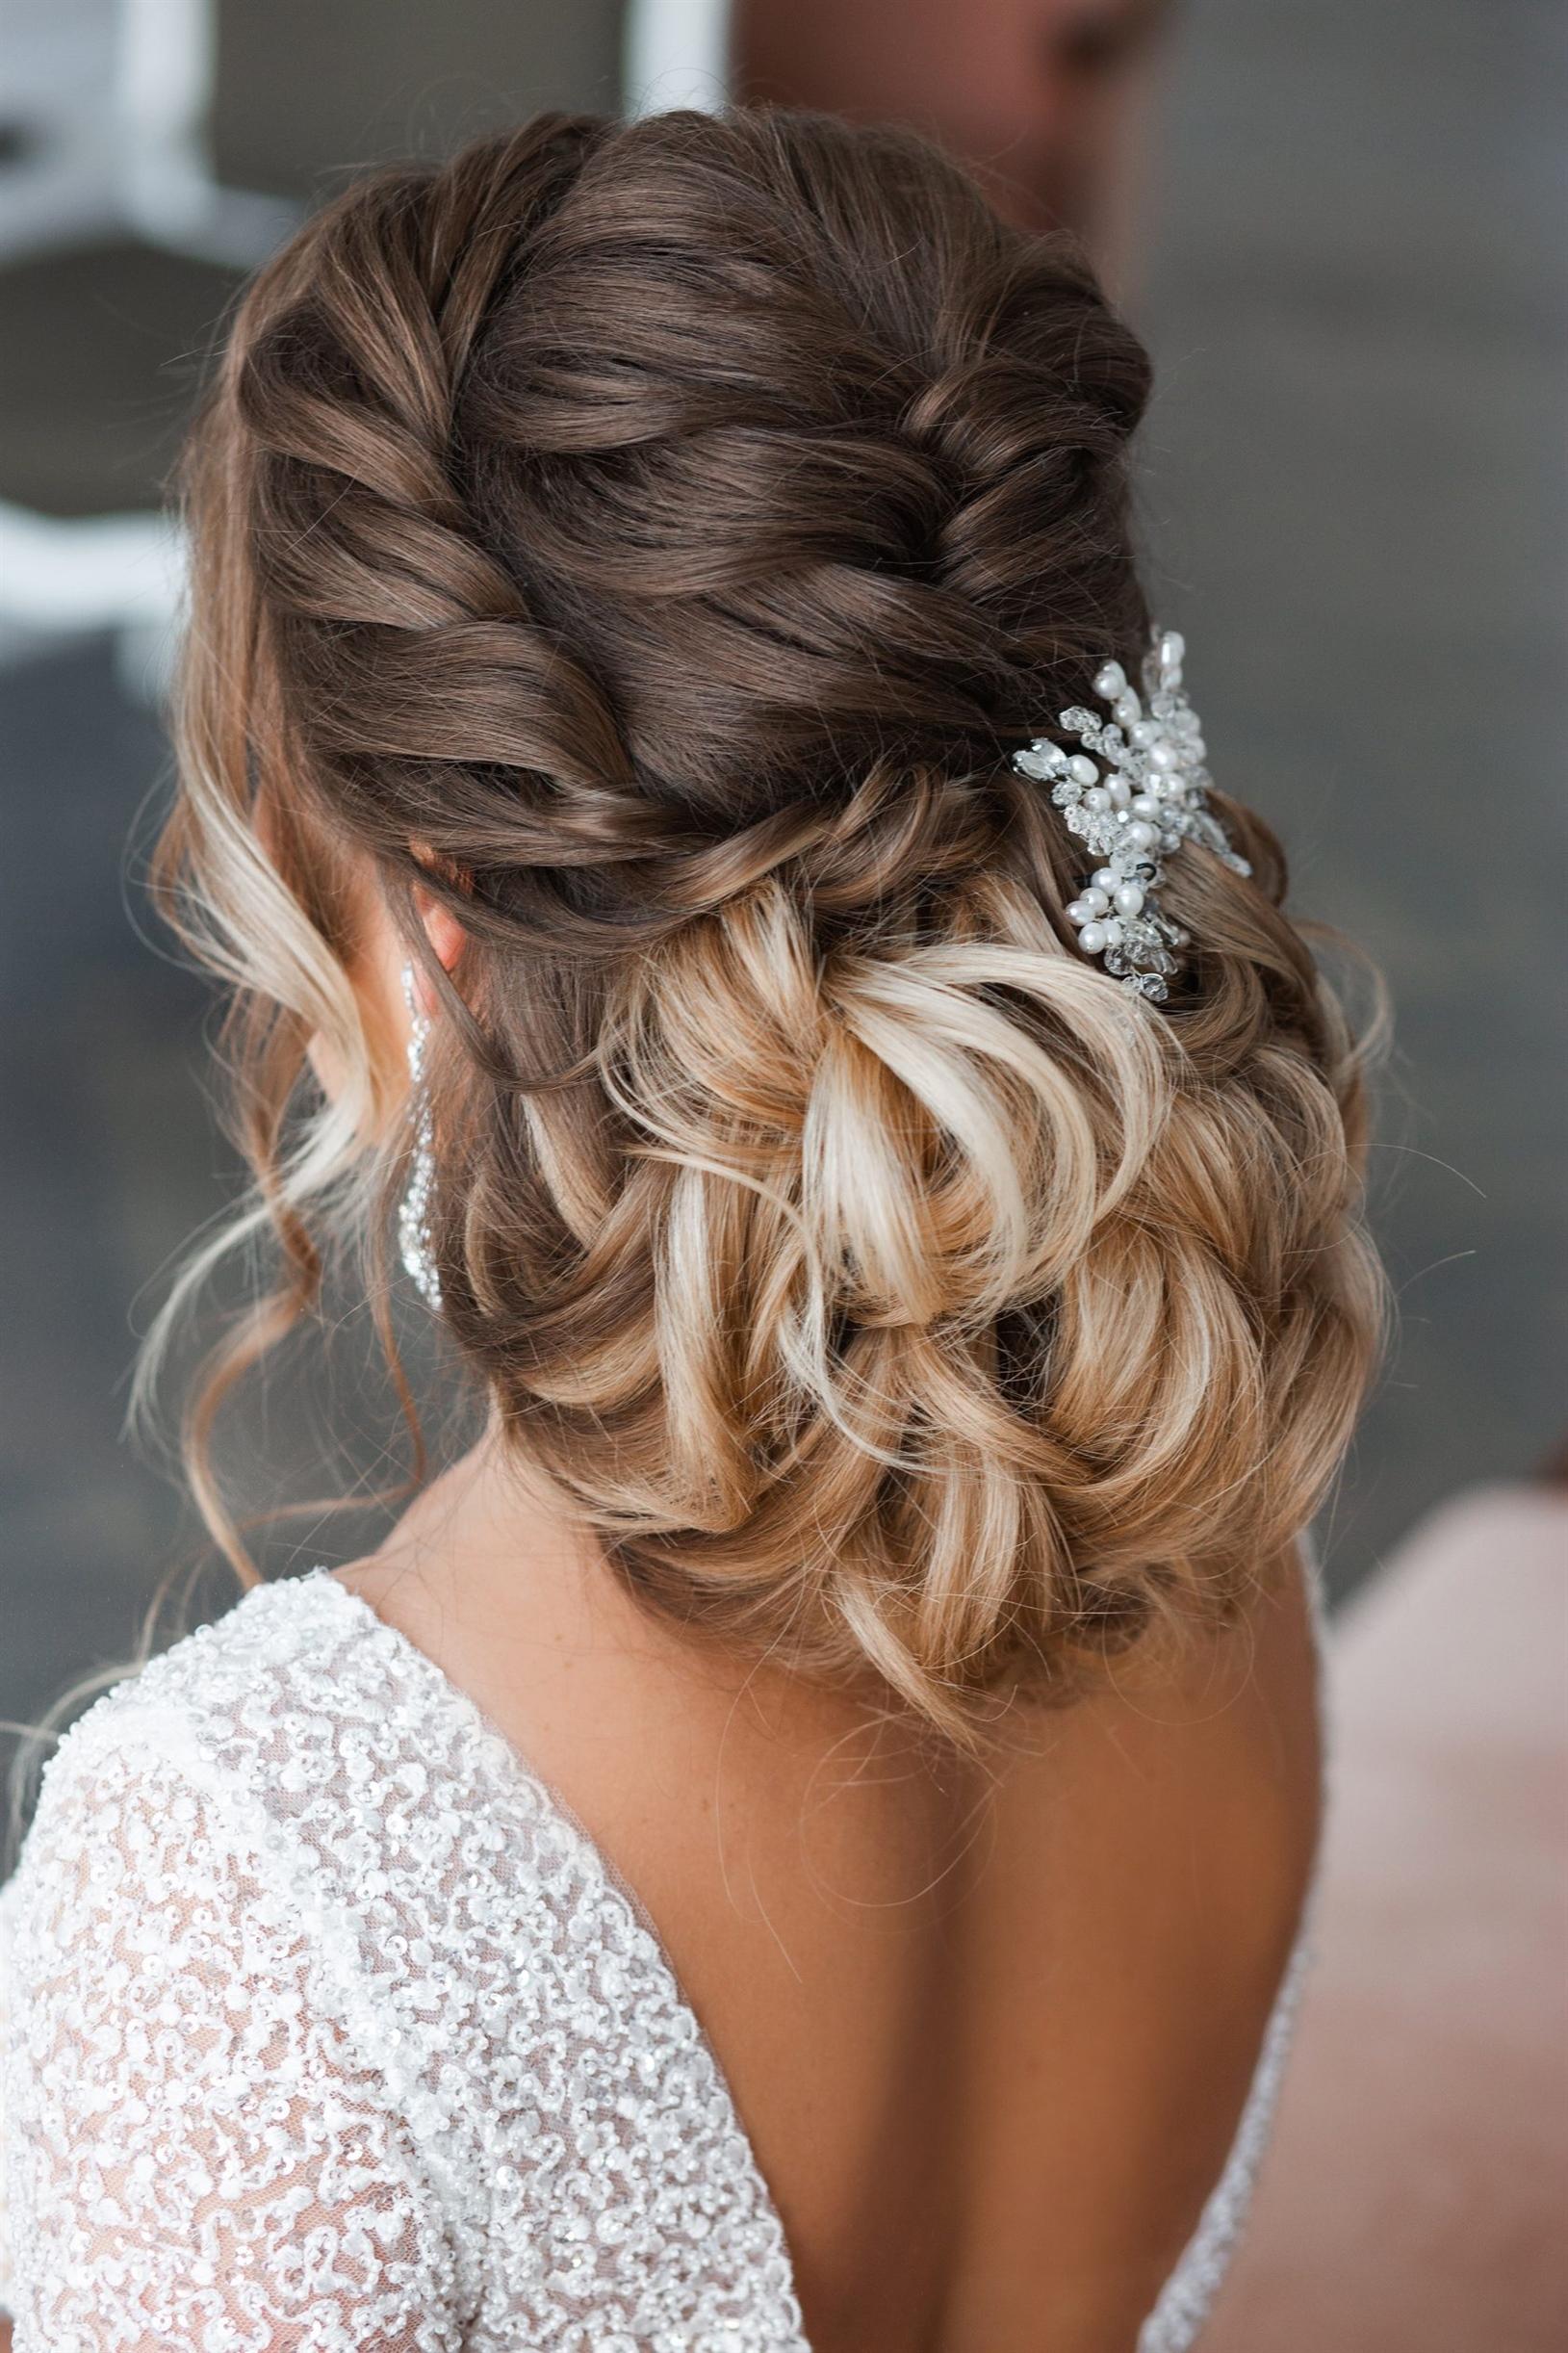 Brautfrisuren Flechten und Locken  Bei diesem Modell sieht das Haar in zwei Teilen wie von hinten aus. Die Stylisten, die das Haar in zwei Farben teilen und eine andere Atmosphäre hinzufügen, kreieren verschiedene Modelle für die Braut.